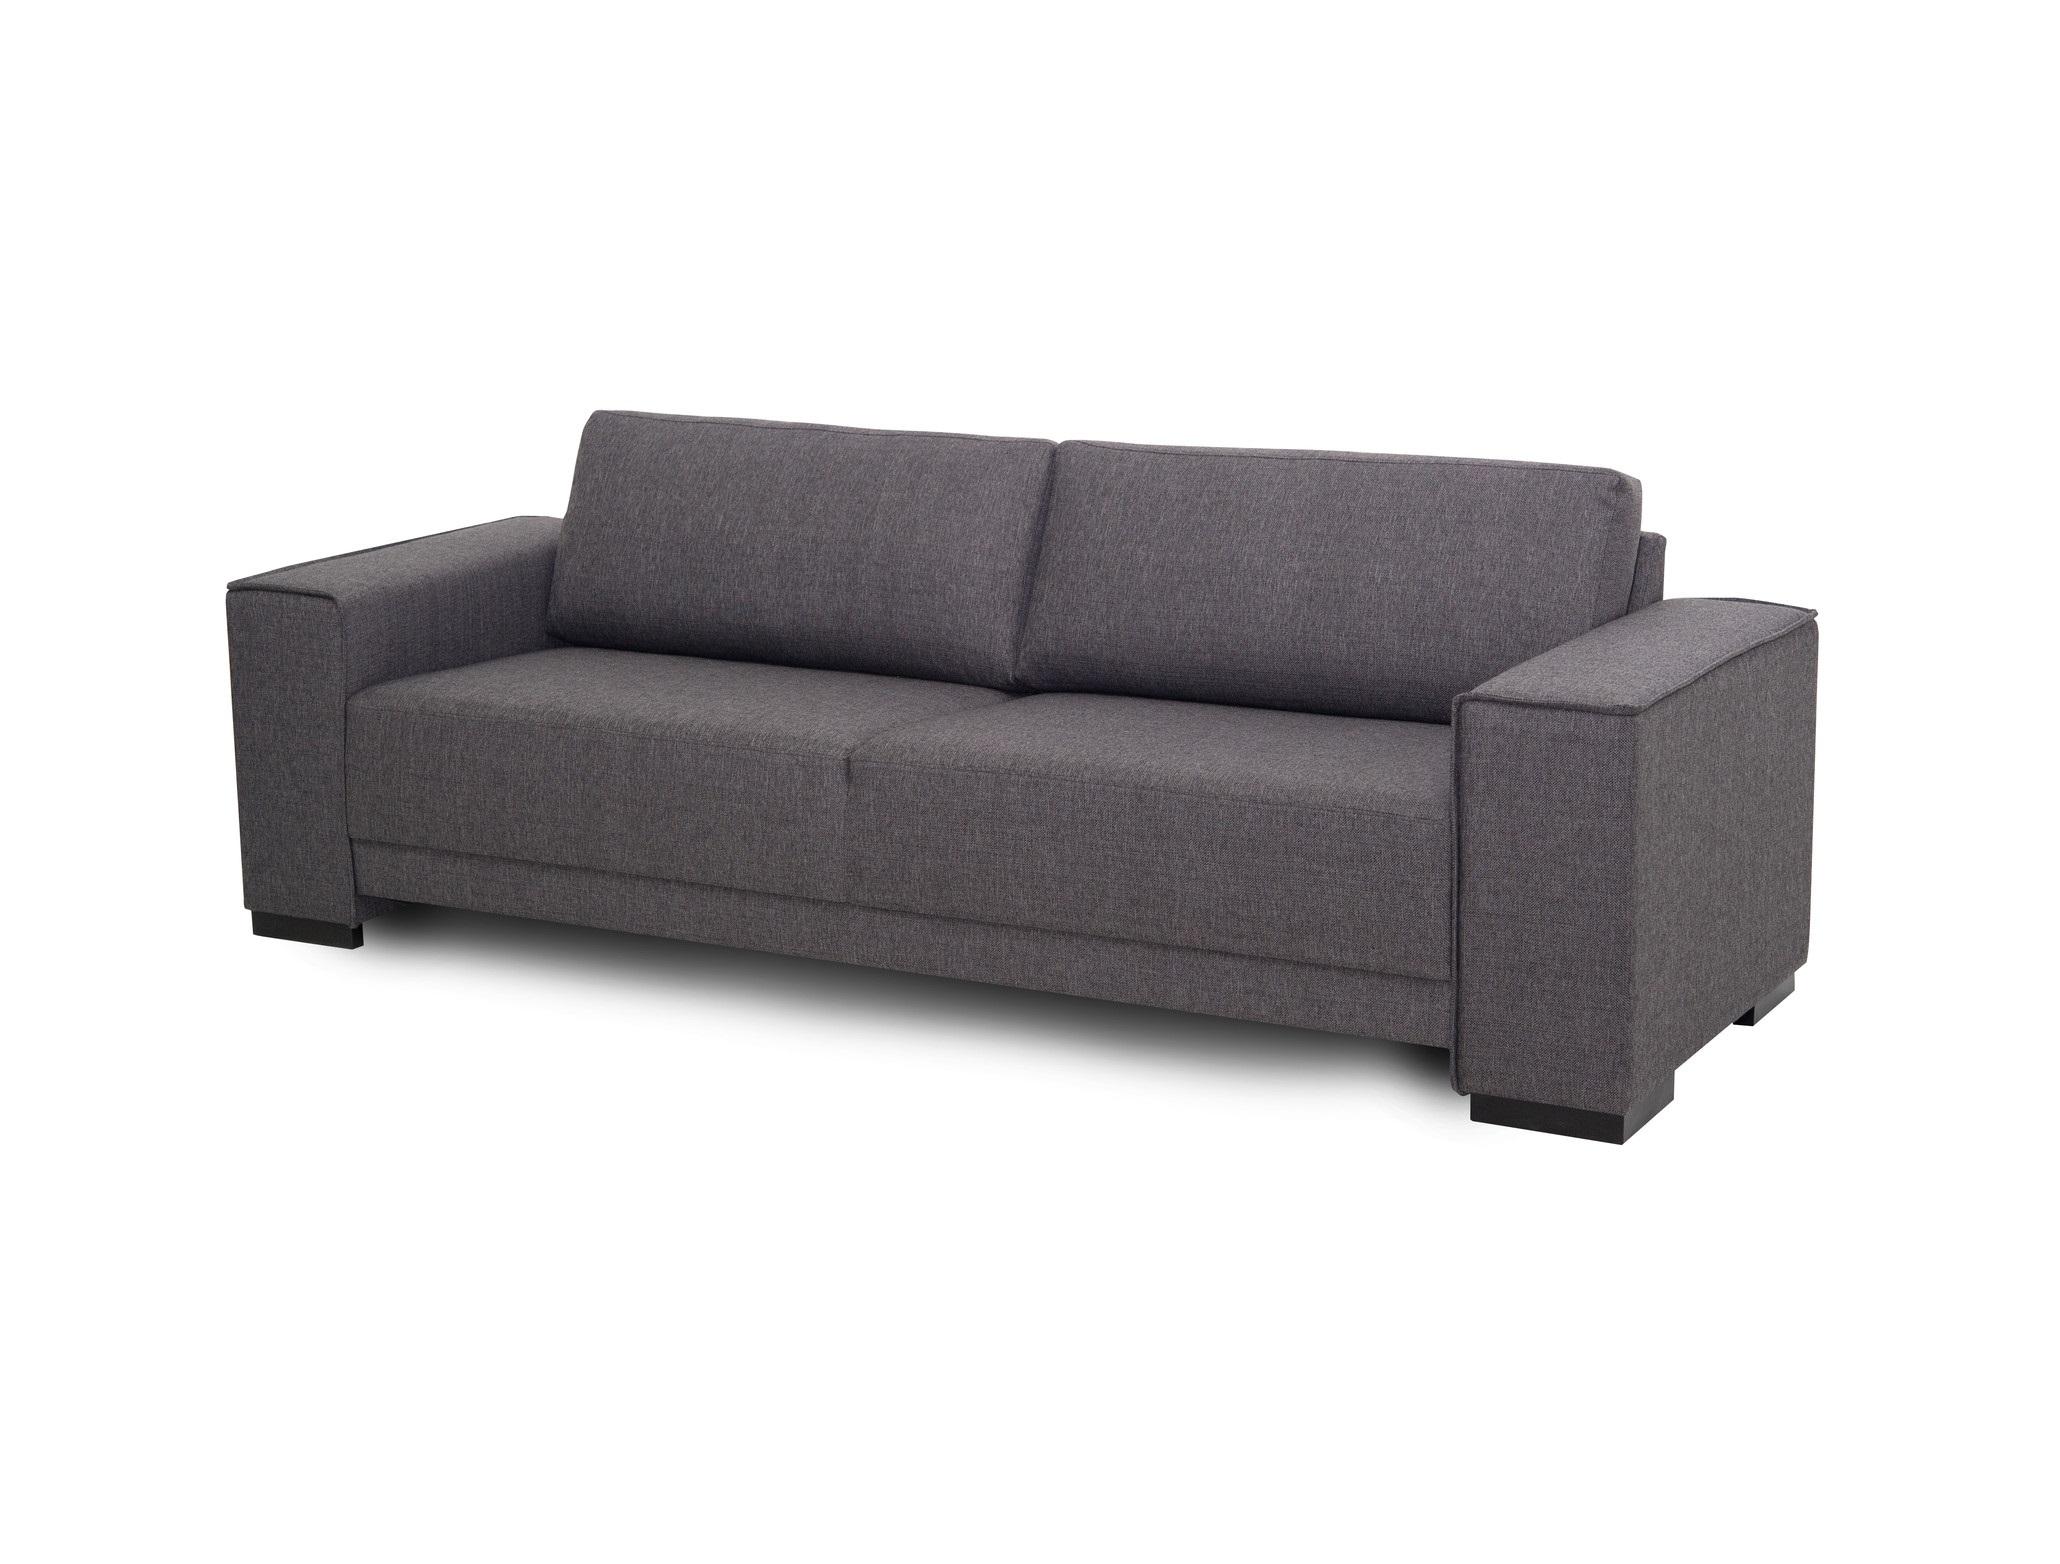 Диван НиброТрехместные диваны<br>Прямой трехместный диван Нибро – это простота форм и современное качество.  Деревянные ножки вместе с тканями естественных расцветок делают образ дивана Нибро близким к природе. Не разбирается.&amp;amp;nbsp;&amp;lt;div&amp;gt;&amp;lt;br&amp;gt;&amp;lt;/div&amp;gt;&amp;lt;div&amp;gt;Каркас (комбинации дерева, фанеры и ЛДСП). Для сидячих подушек используют пену различной плотности, а также перо и силиконовое волокно. Для задних подушек есть пять видов наполнения: пена, измельченная пена, пена высокой эластичности, силиконовые волокно.&amp;amp;nbsp;&amp;lt;/div&amp;gt;<br><br>Material: Текстиль<br>Ширина см: 246.0<br>Высота см: 81.0<br>Глубина см: 90.0